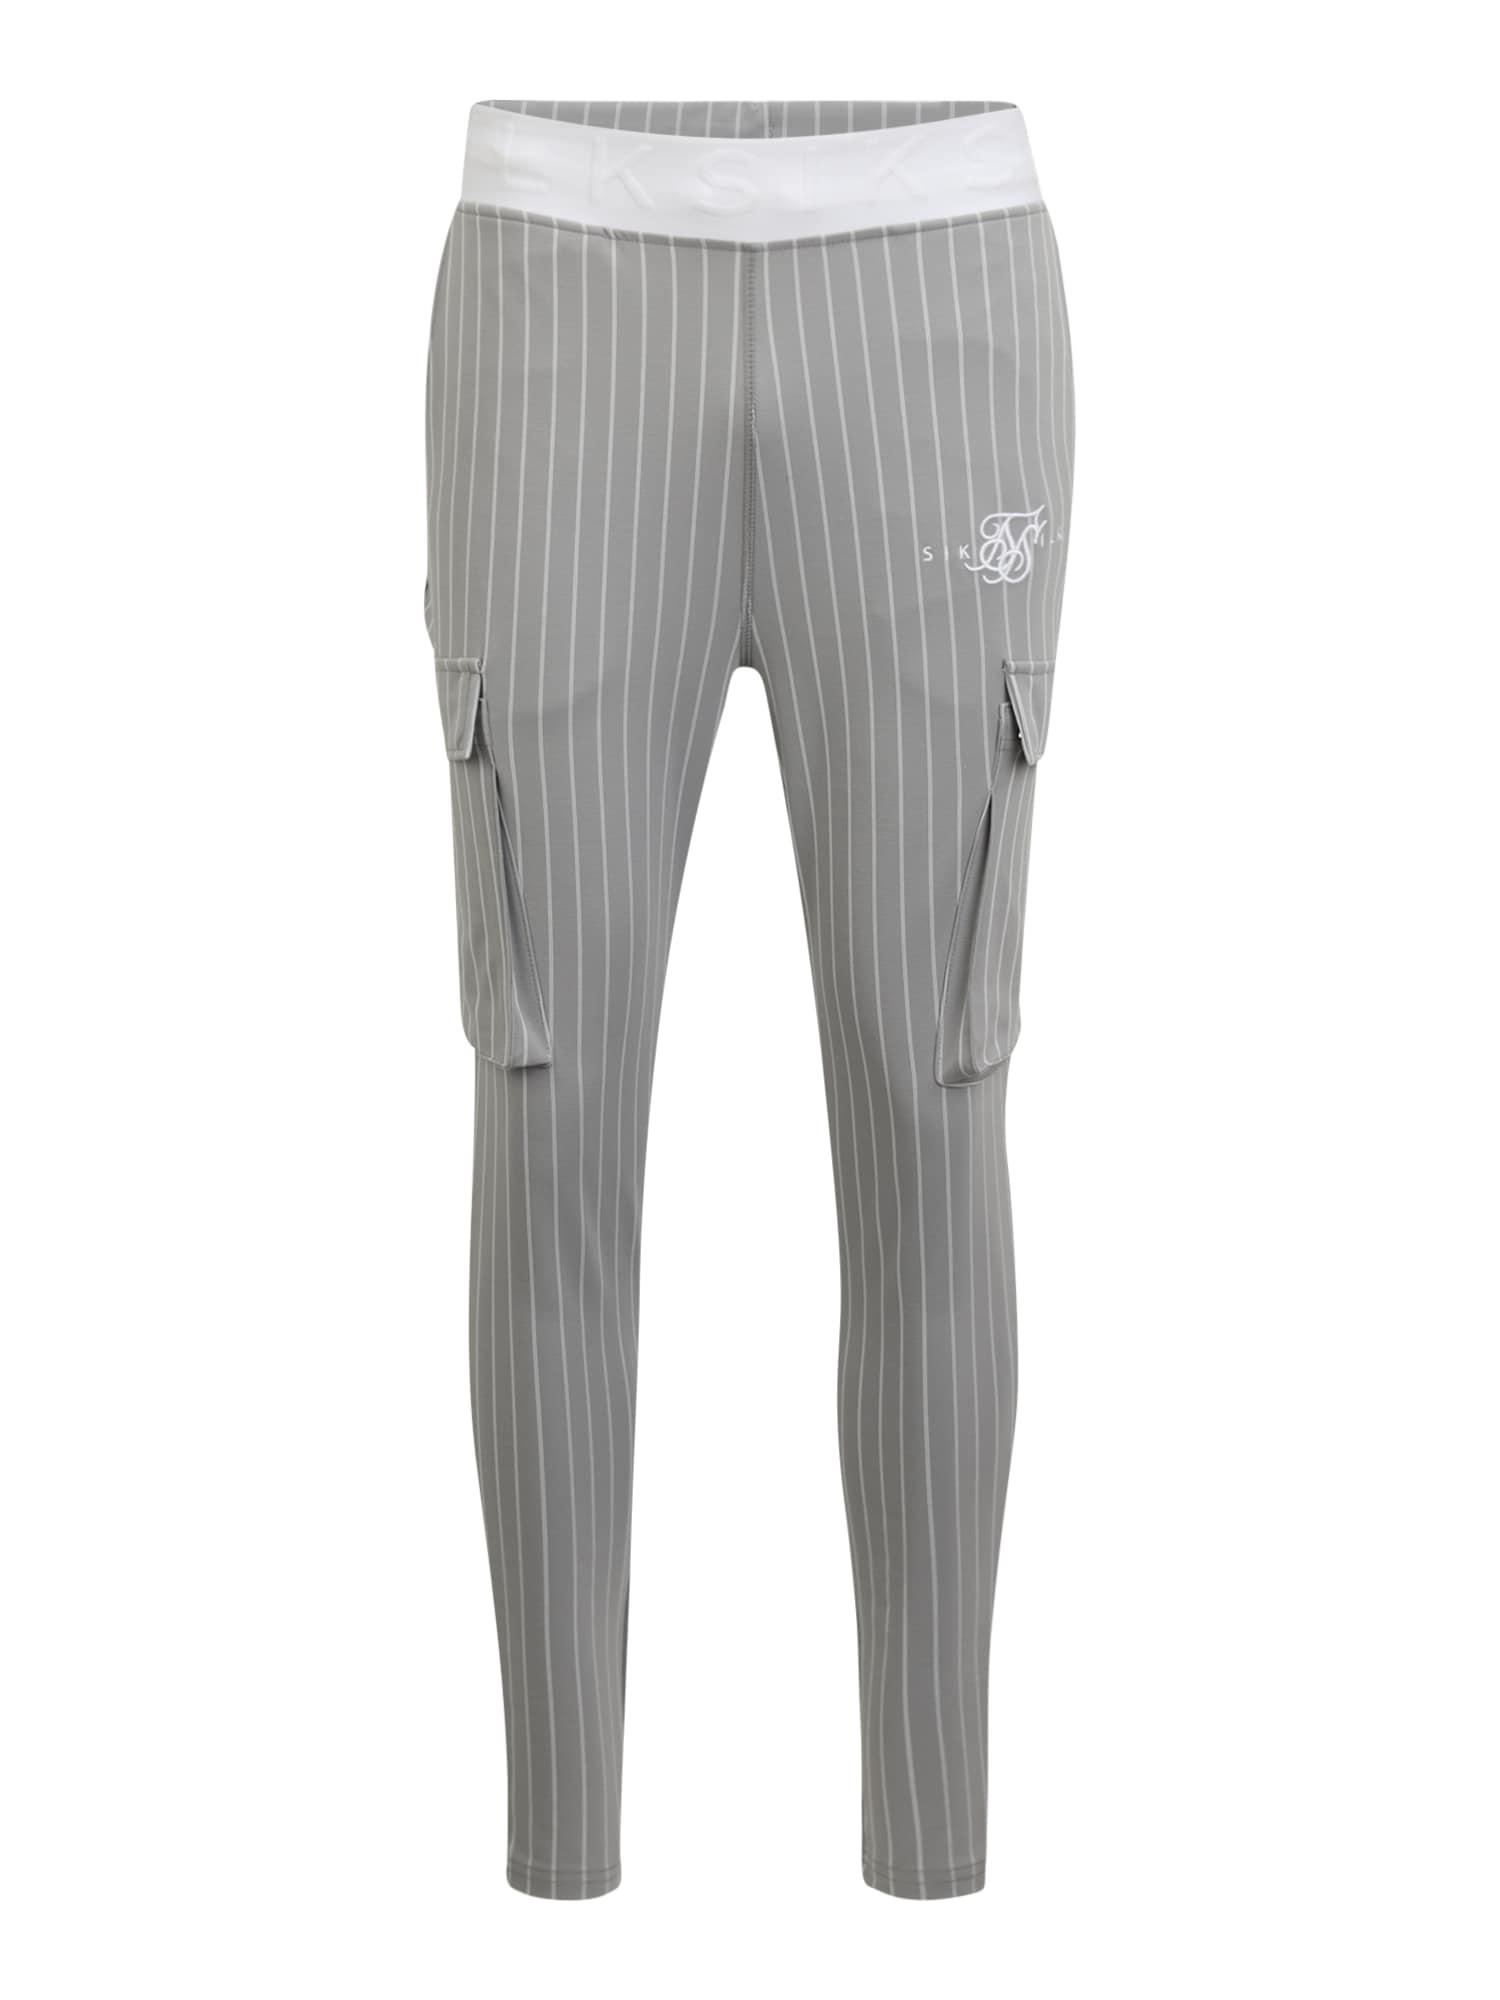 SikSilk Laisvo stiliaus kelnės balta / pilka